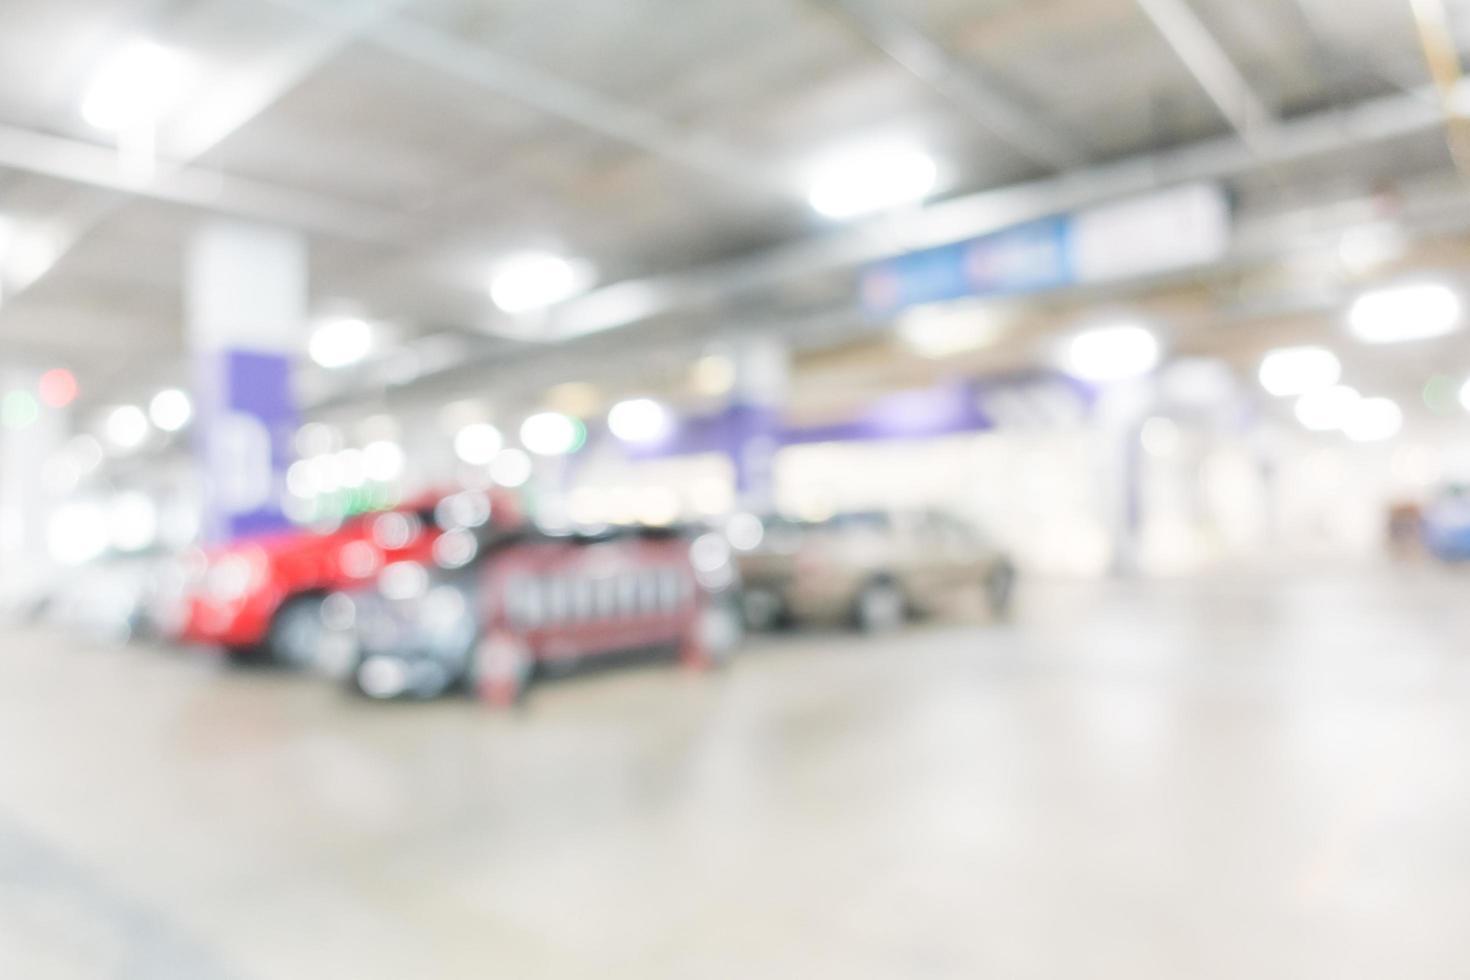 abstracte intreepupil garage achtergrond foto